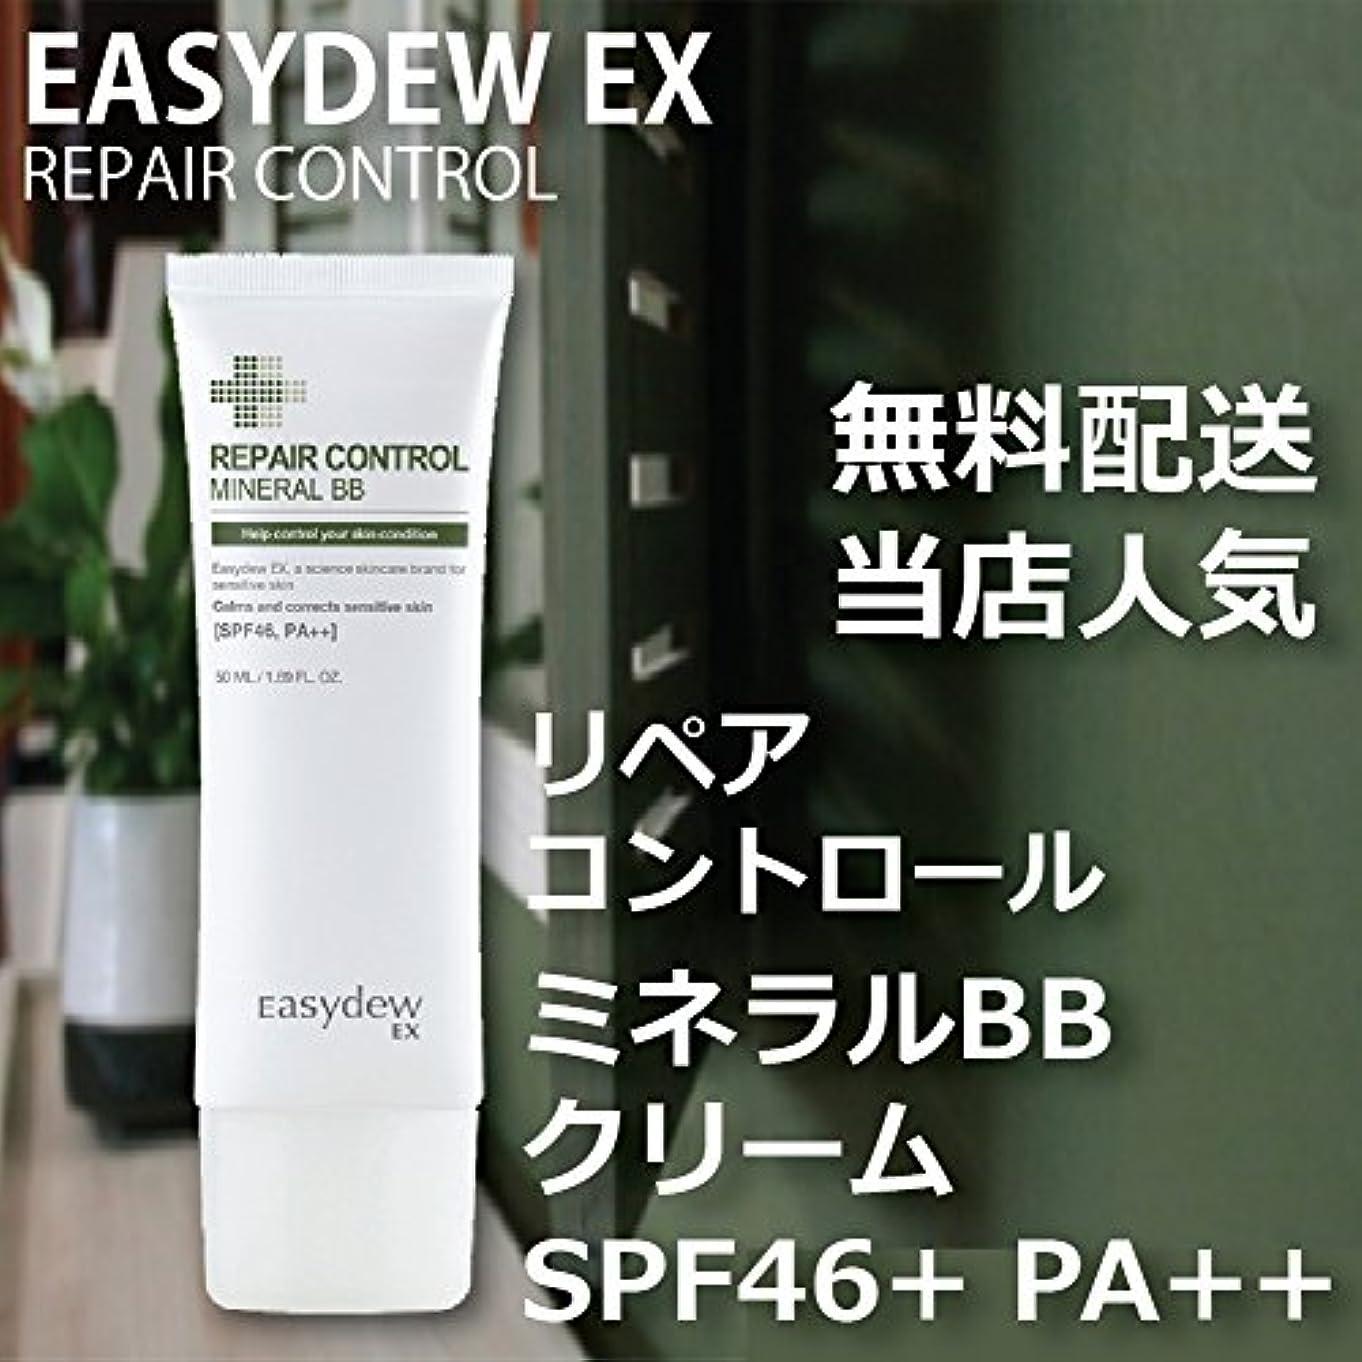 はげ運河複合EASY DEW EX ミネラル BBクリーム SPF46+ PA++ 50ml MINRAL BB CREAM 韓国 人気 コスメ イージーデュー 敏感 乾燥 美白 しわ 3重機能性